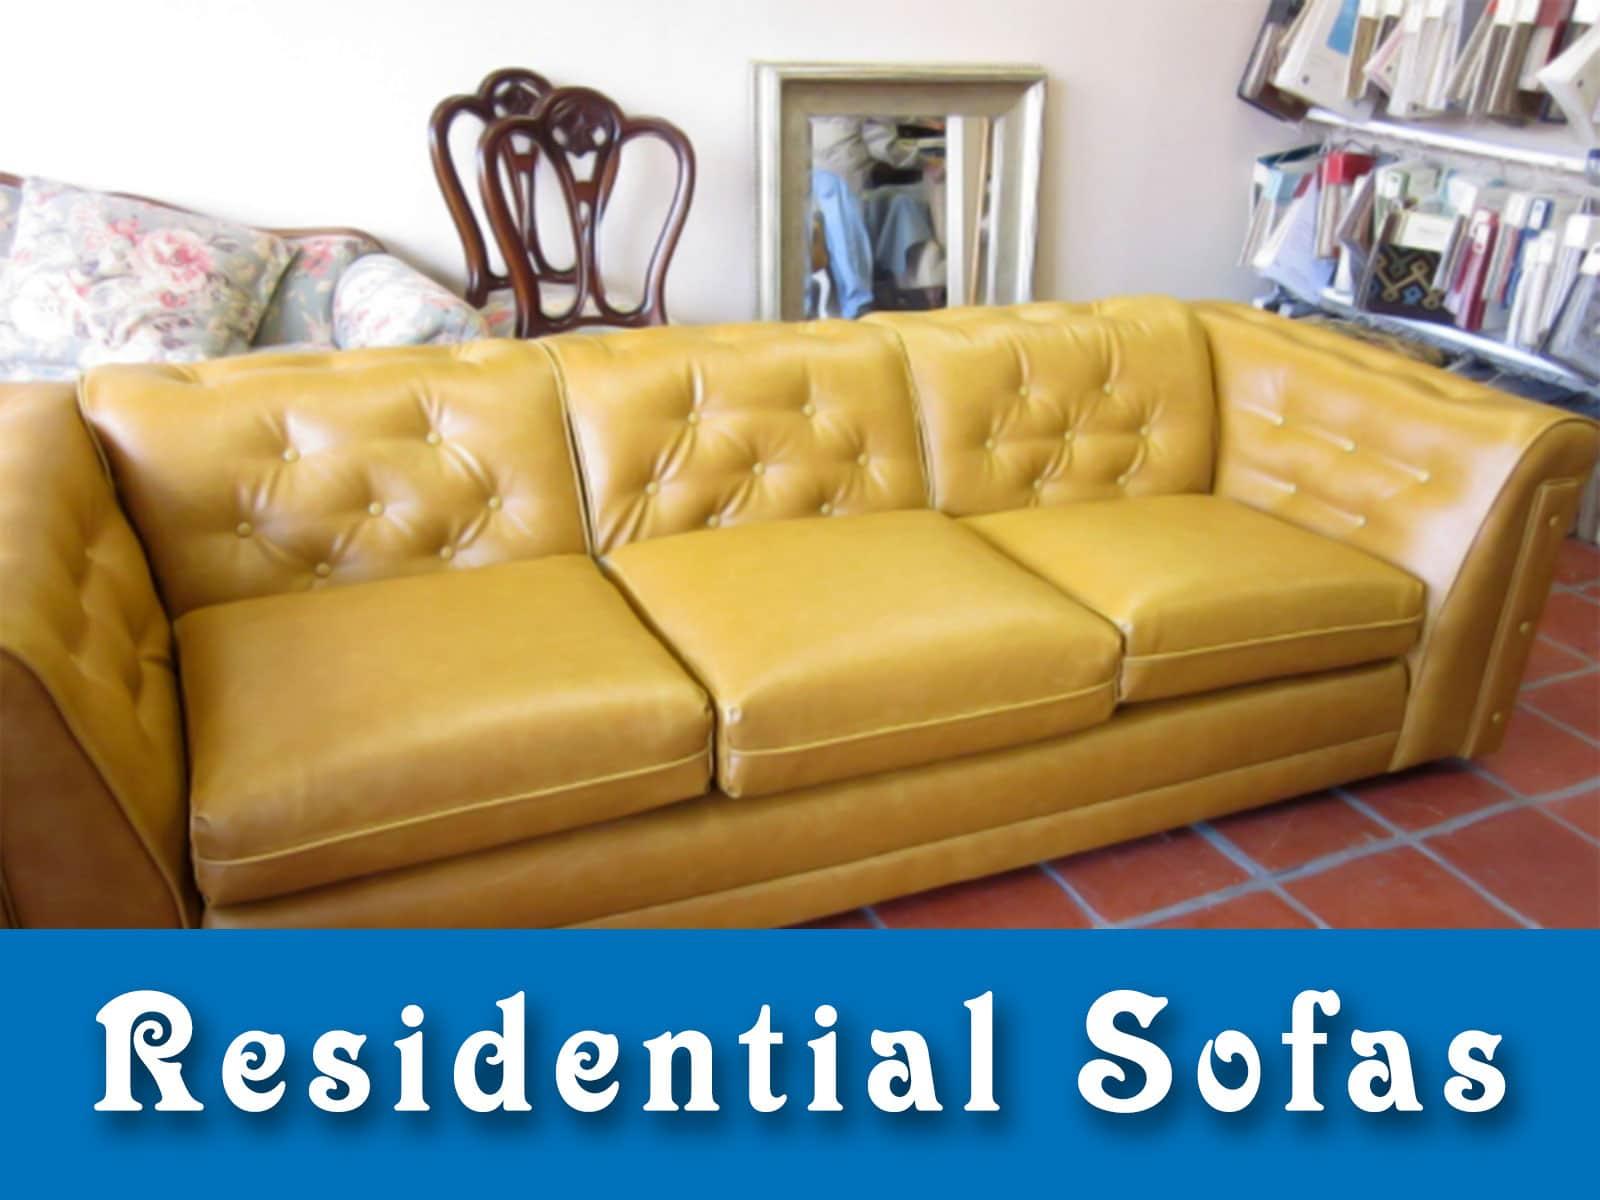 Residential Sofa Upholstered Vinyl Santa Monica California